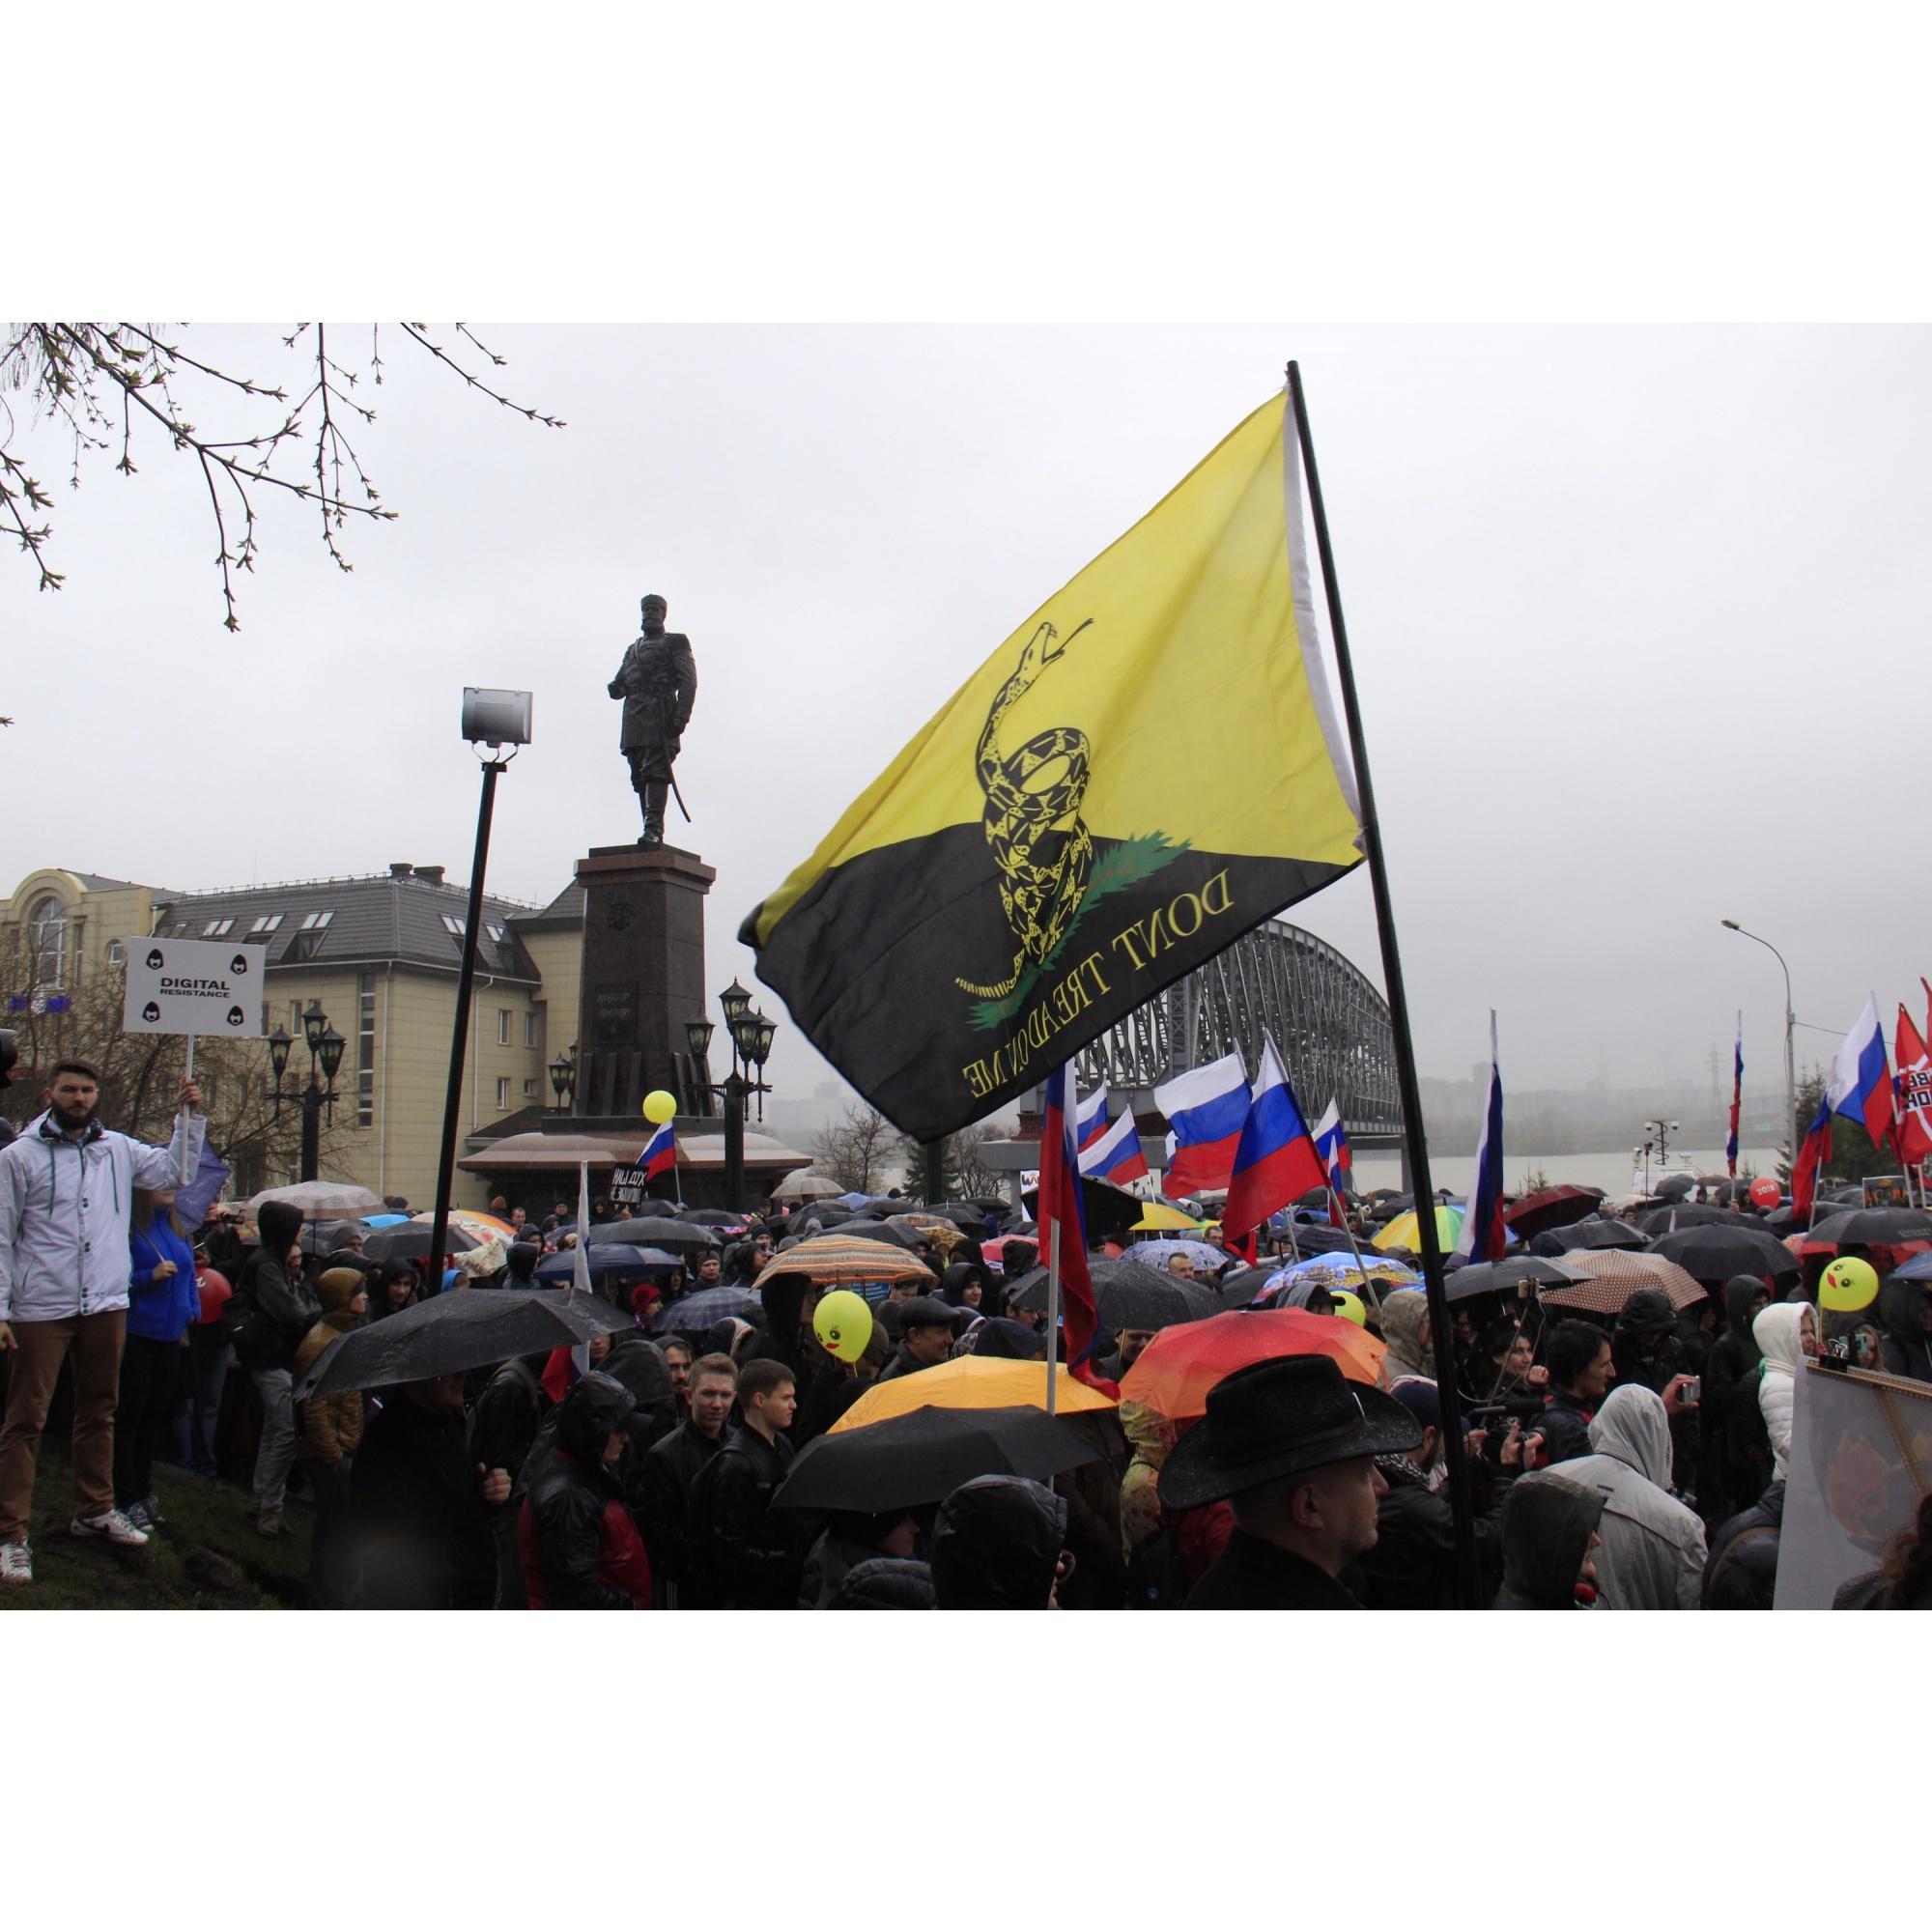 Проведя у подножия памятнику чуть больше часа, участники митинга разошлись под накрапывающим дождём